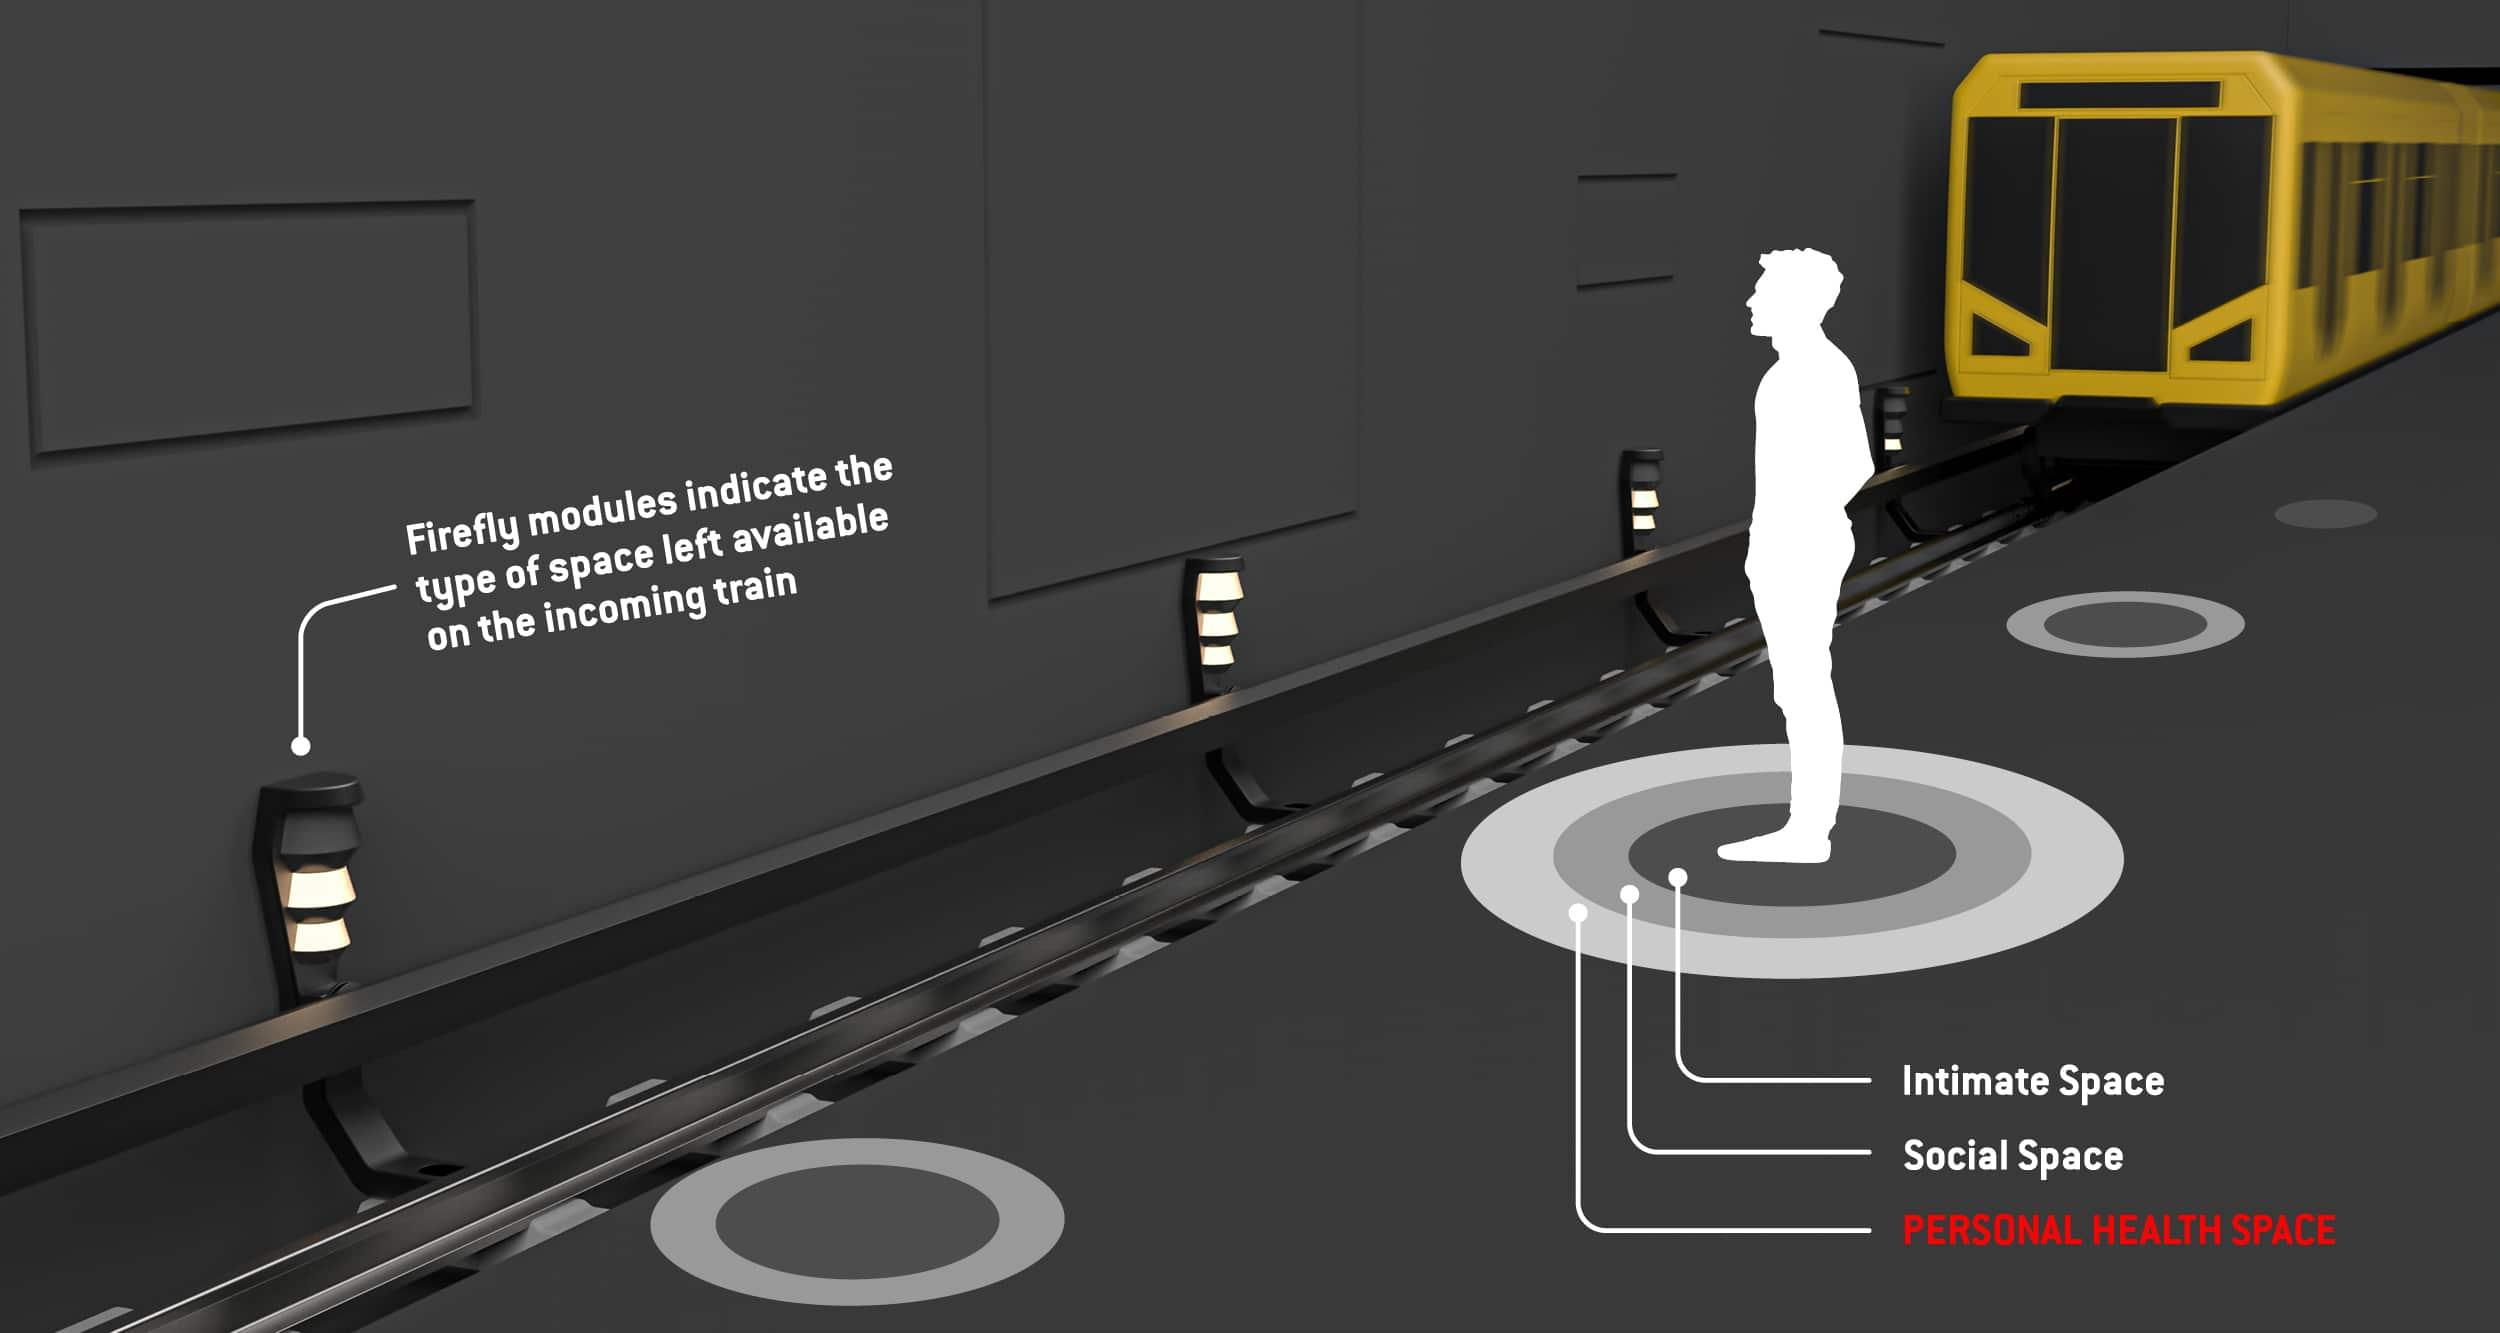 Grafik von Person am Bahnsteig / Technologie zeigt Safespace